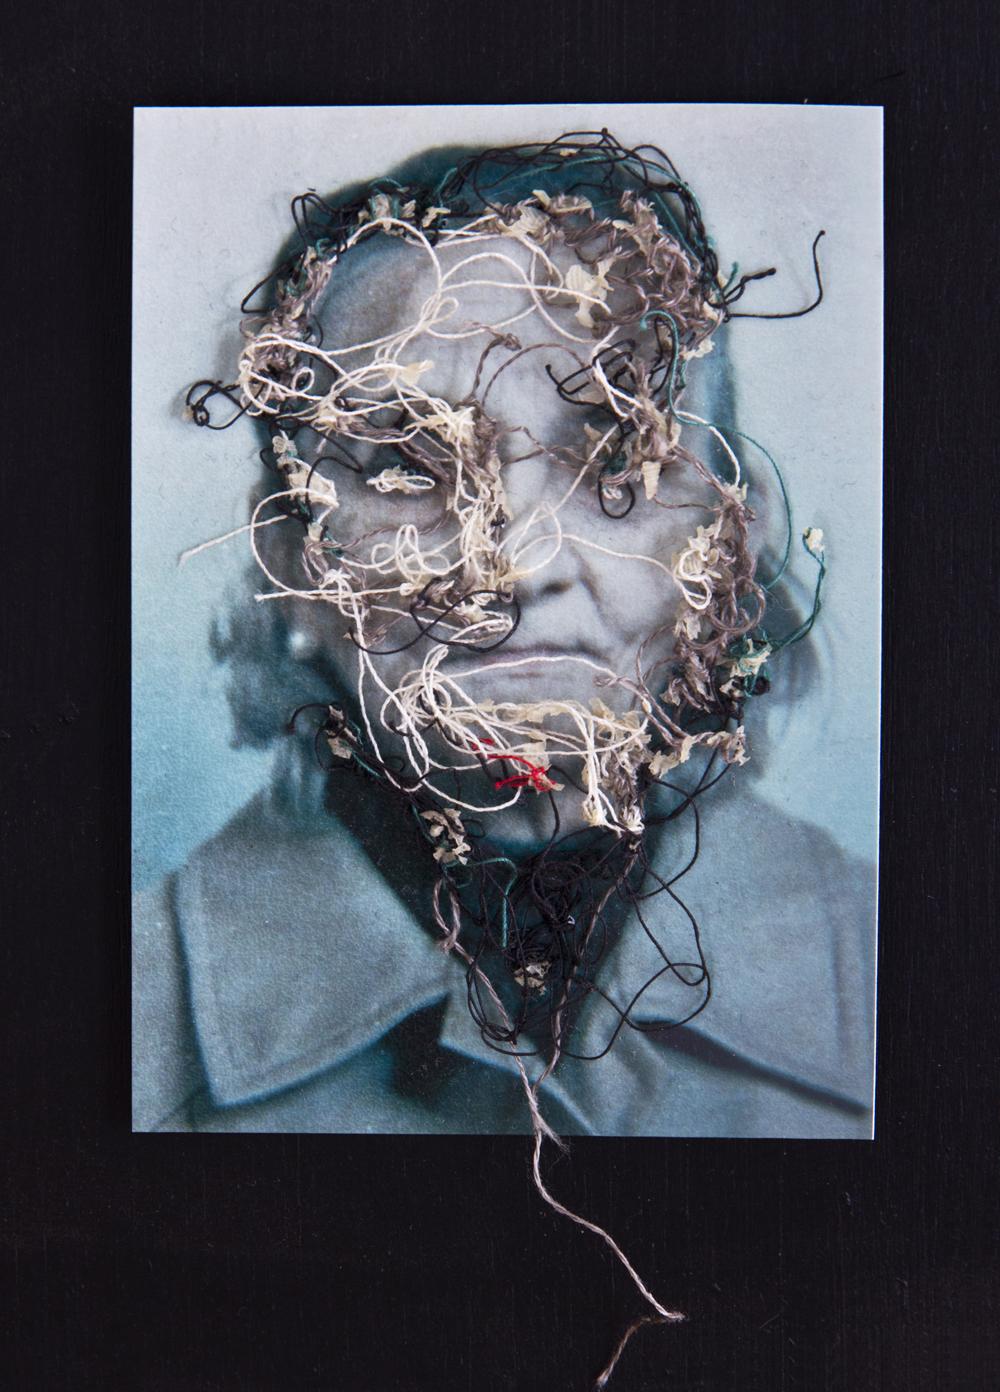 Tía Fé A flor de piel, 07. 10x15 cm. Fotografía, hilo y piel. 2012